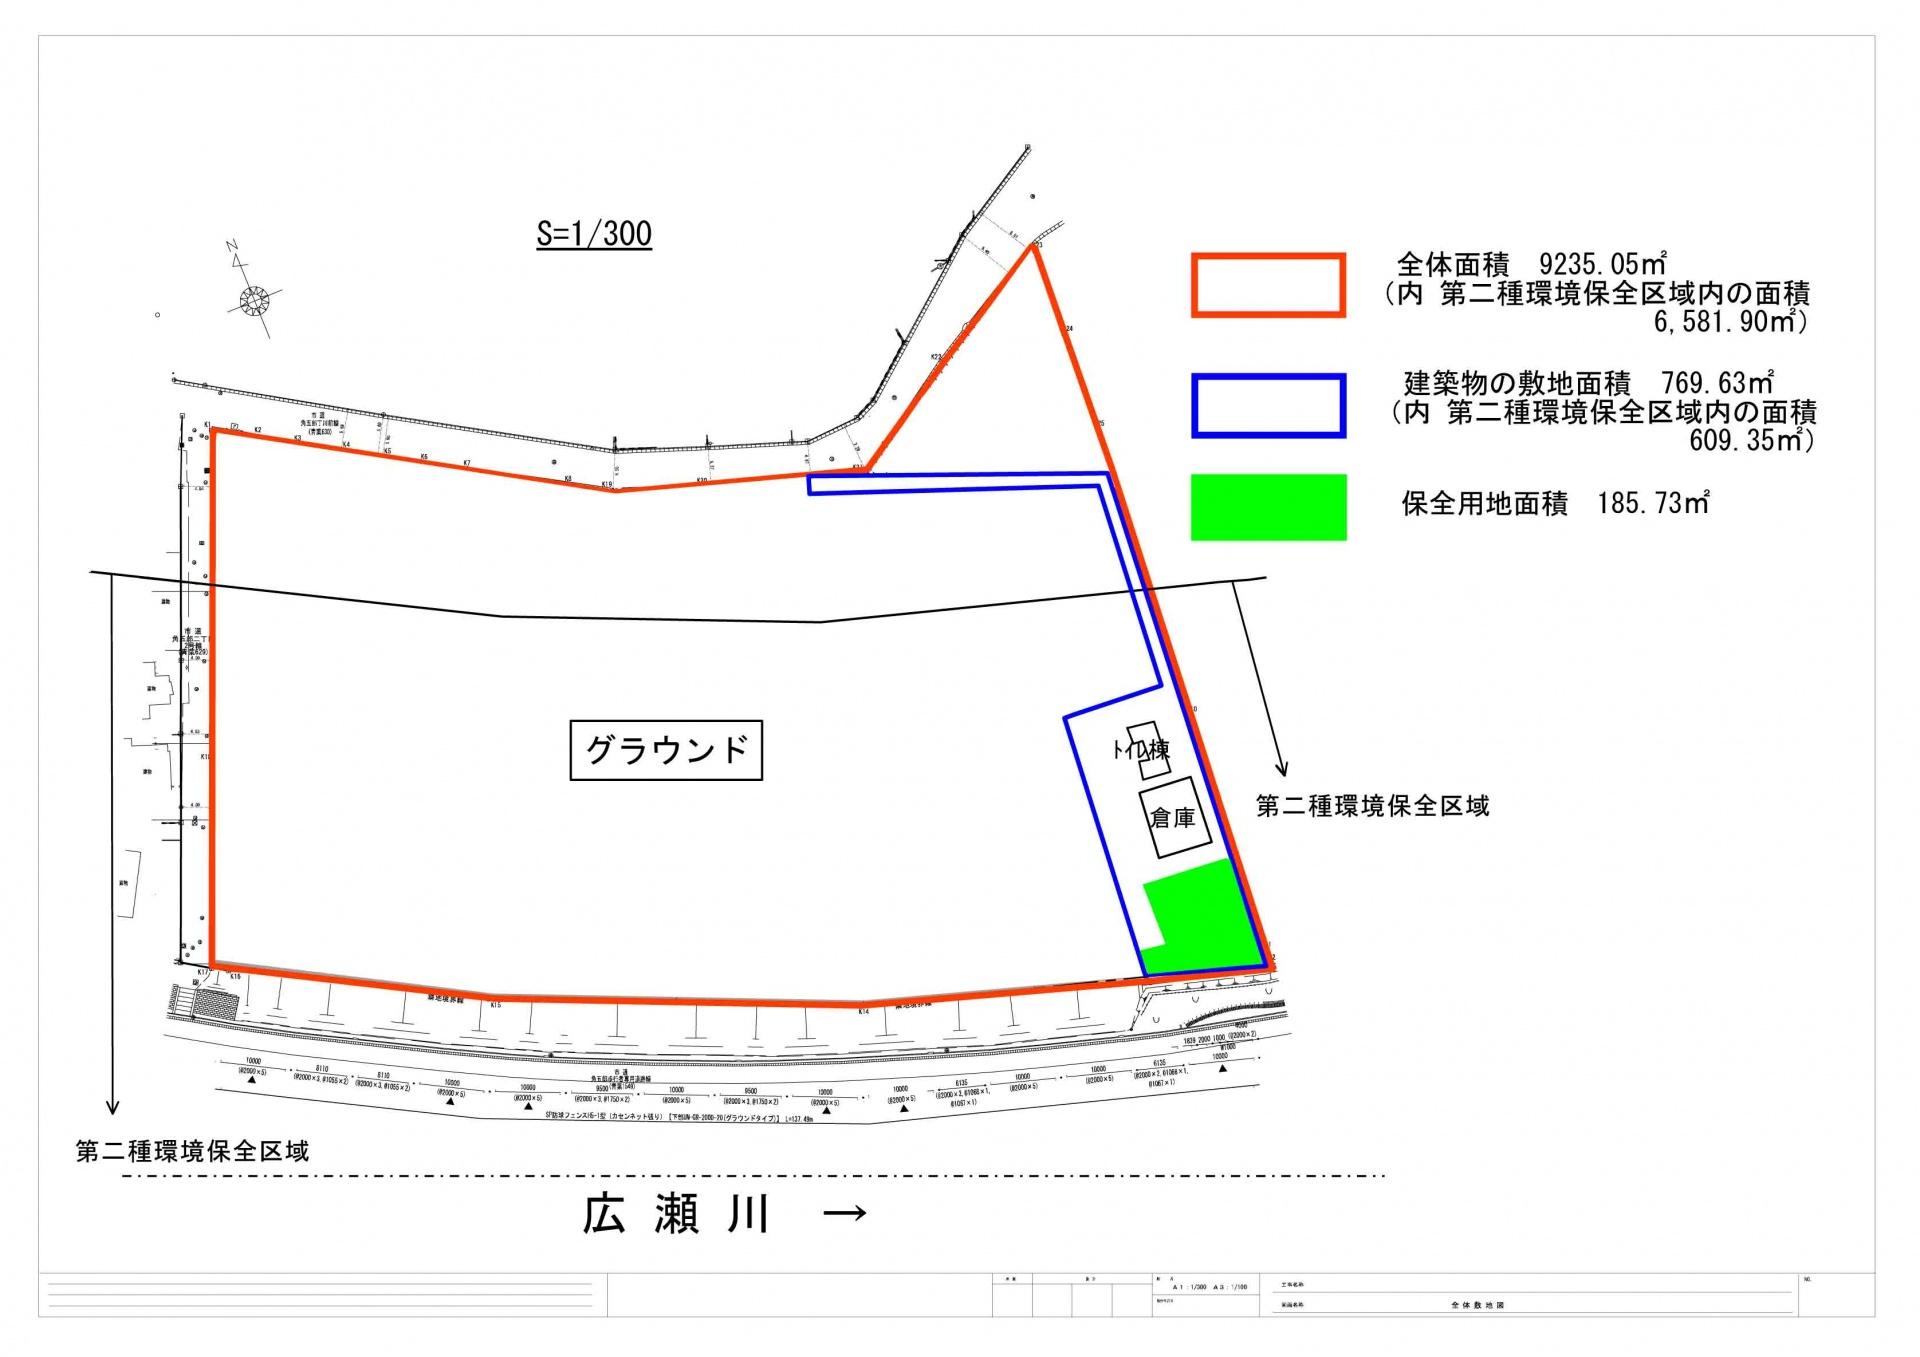 図3 宮城第一高第二グラウンド敷地図。建築敷地以外の工作物について通知すると保全率が法定の24%をはるかに下回る6%以下になることから,築造にあたって通知を行わなかった。